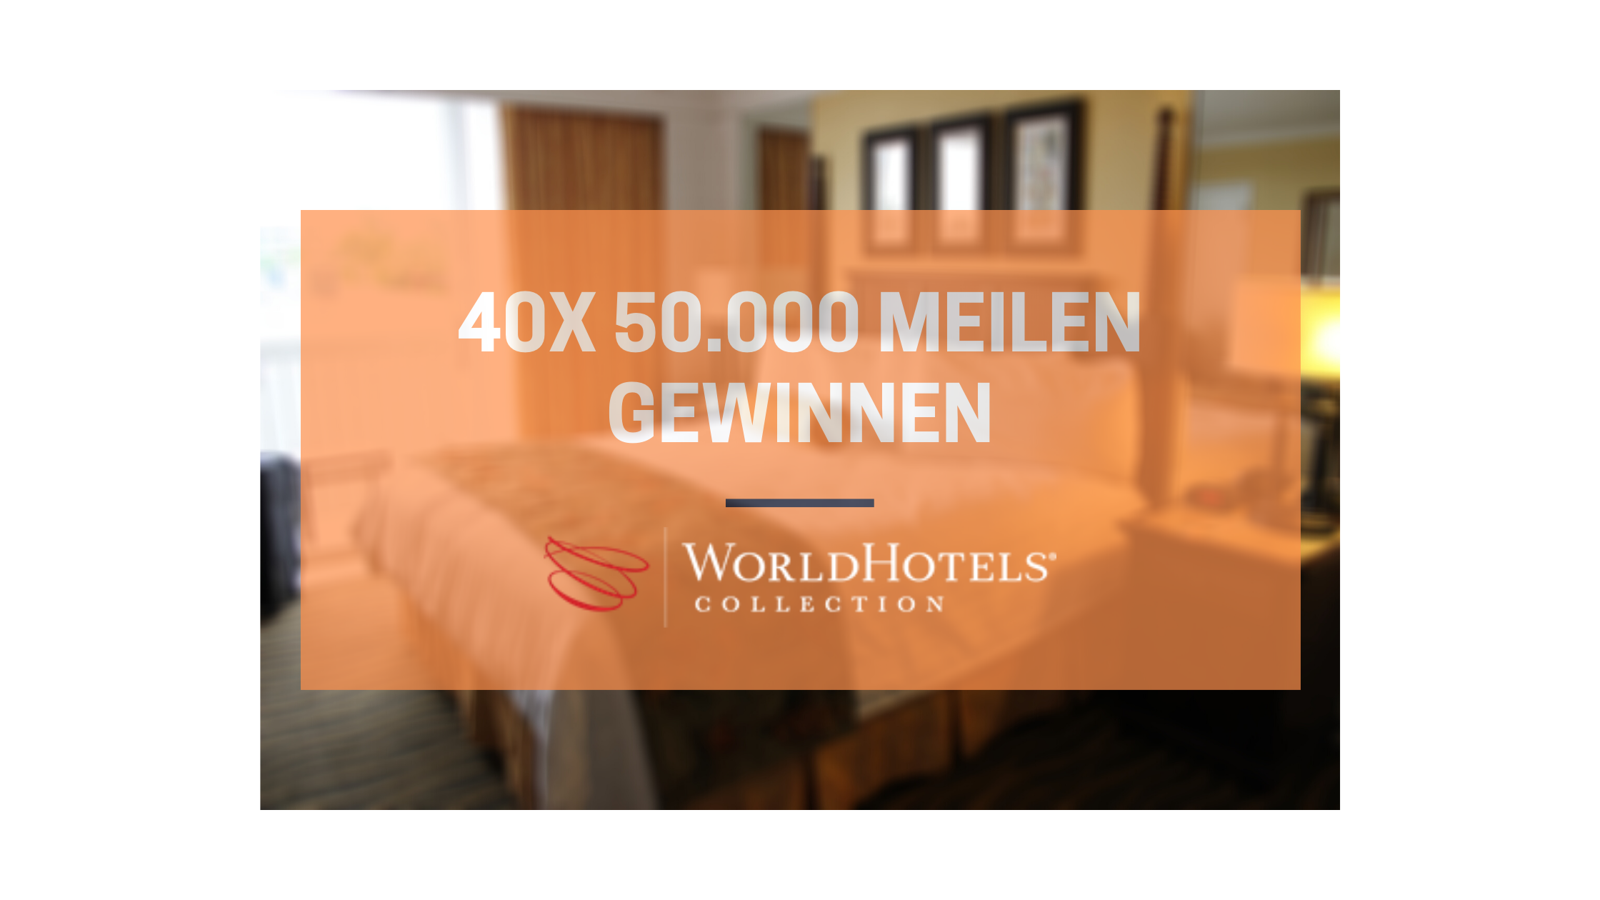 Jetzt mit WorldHotels Collection 40x 50.000 Meilen zu gewinnen